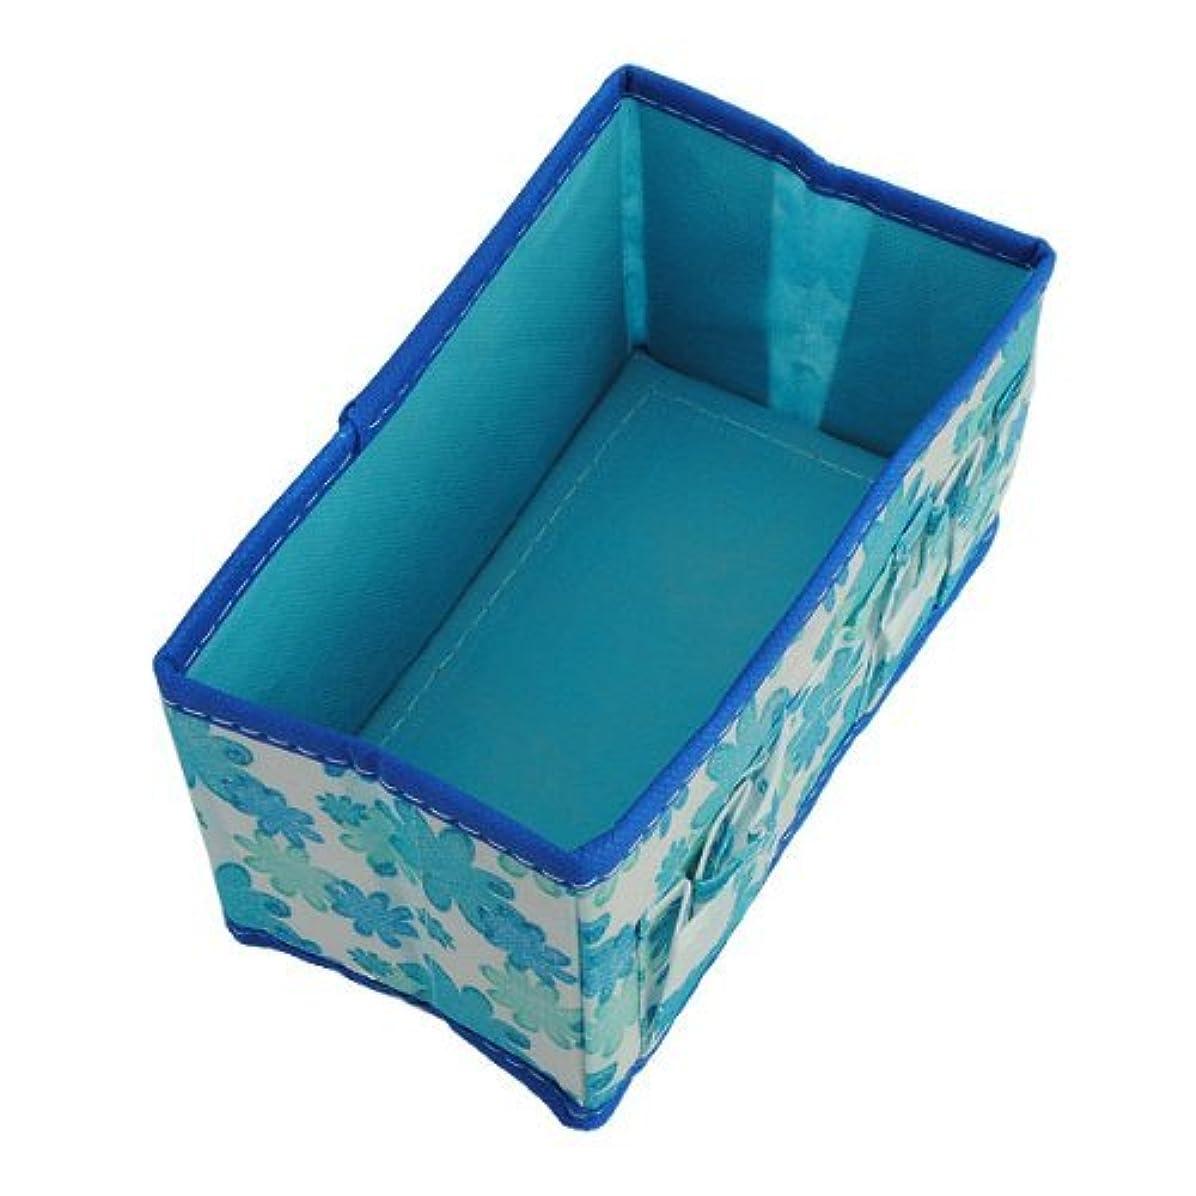 Hommy折りたたみ式 収納袋 おもちゃ タオル 化粧品 小物 収納ケージ カラー:グリーン (青)